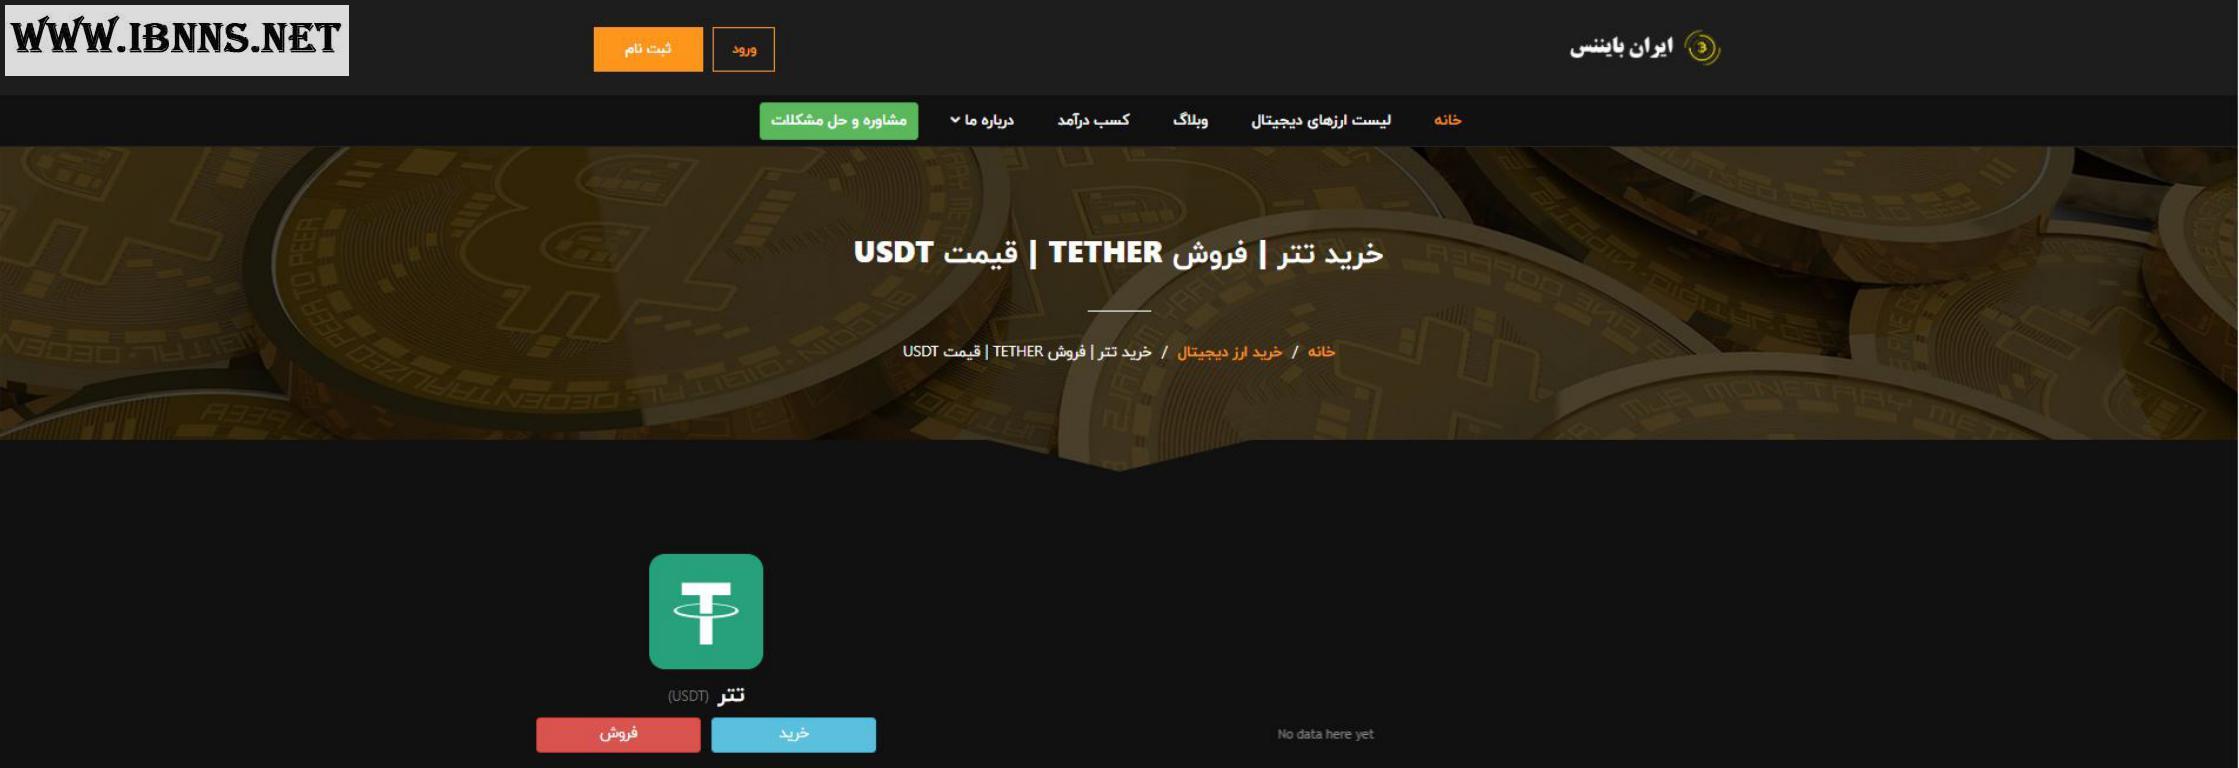 ارز دیجیتال تتر   خرید usdt